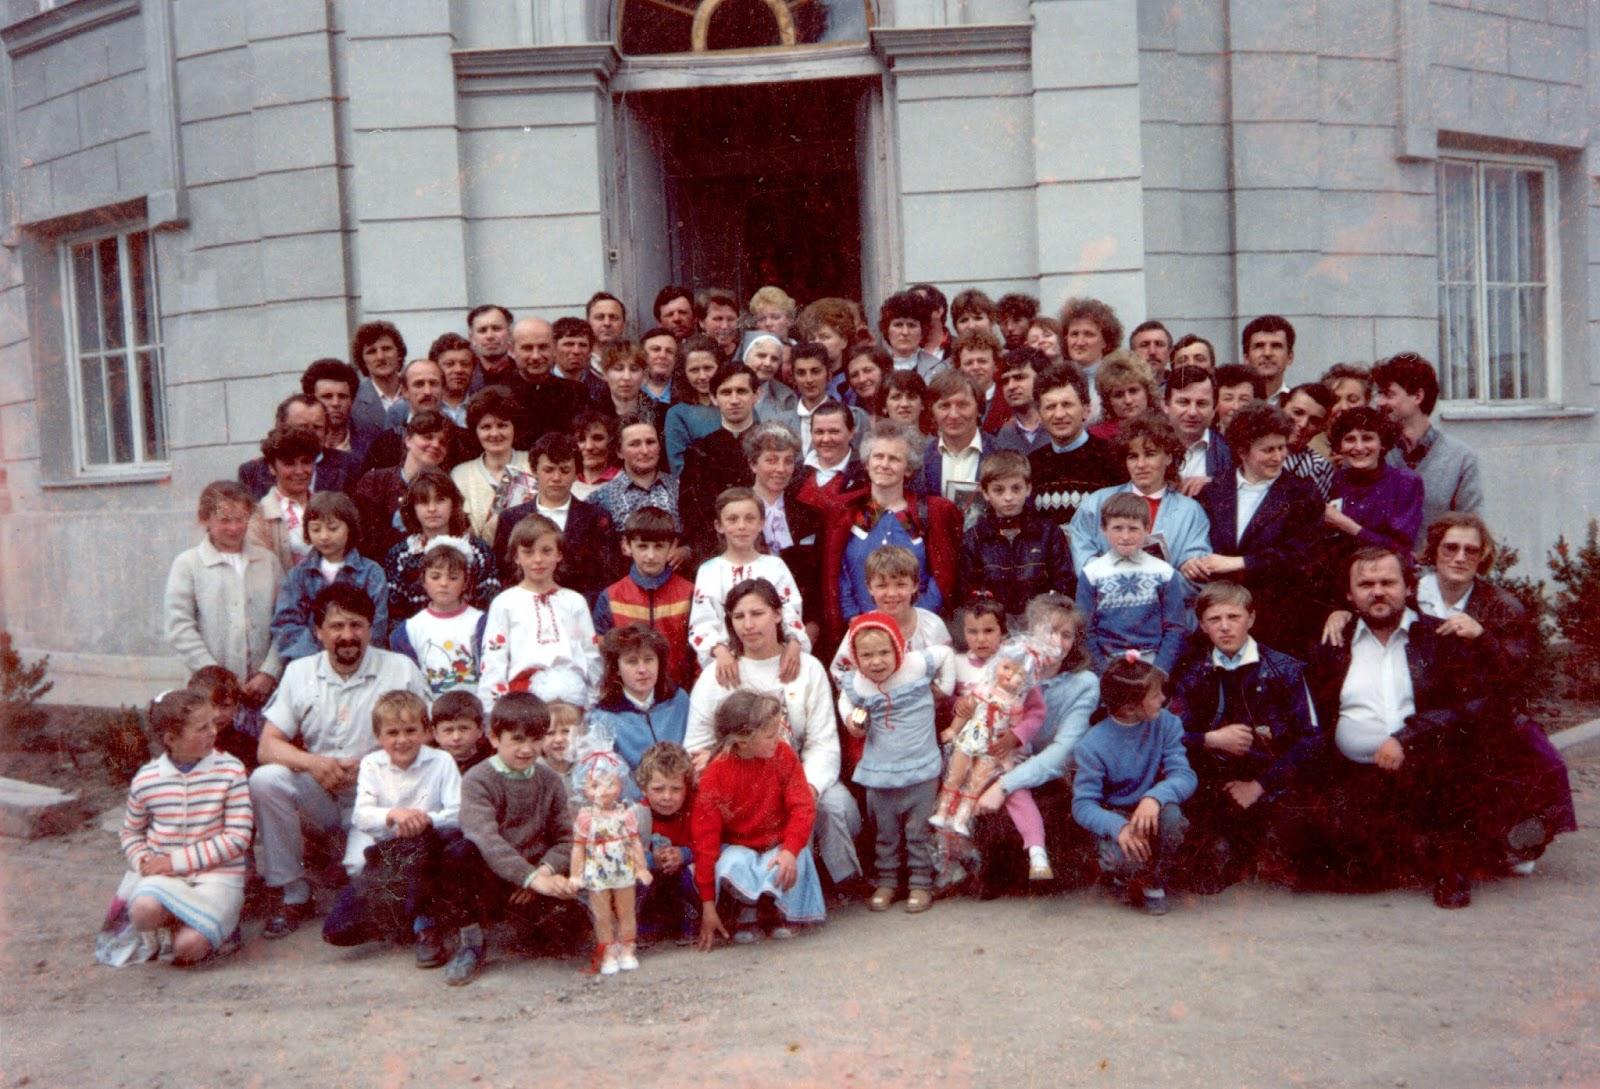 Pierwsze rekolekcje dla rodzin w Gwardijsku, Ukraina, maj 1992r.